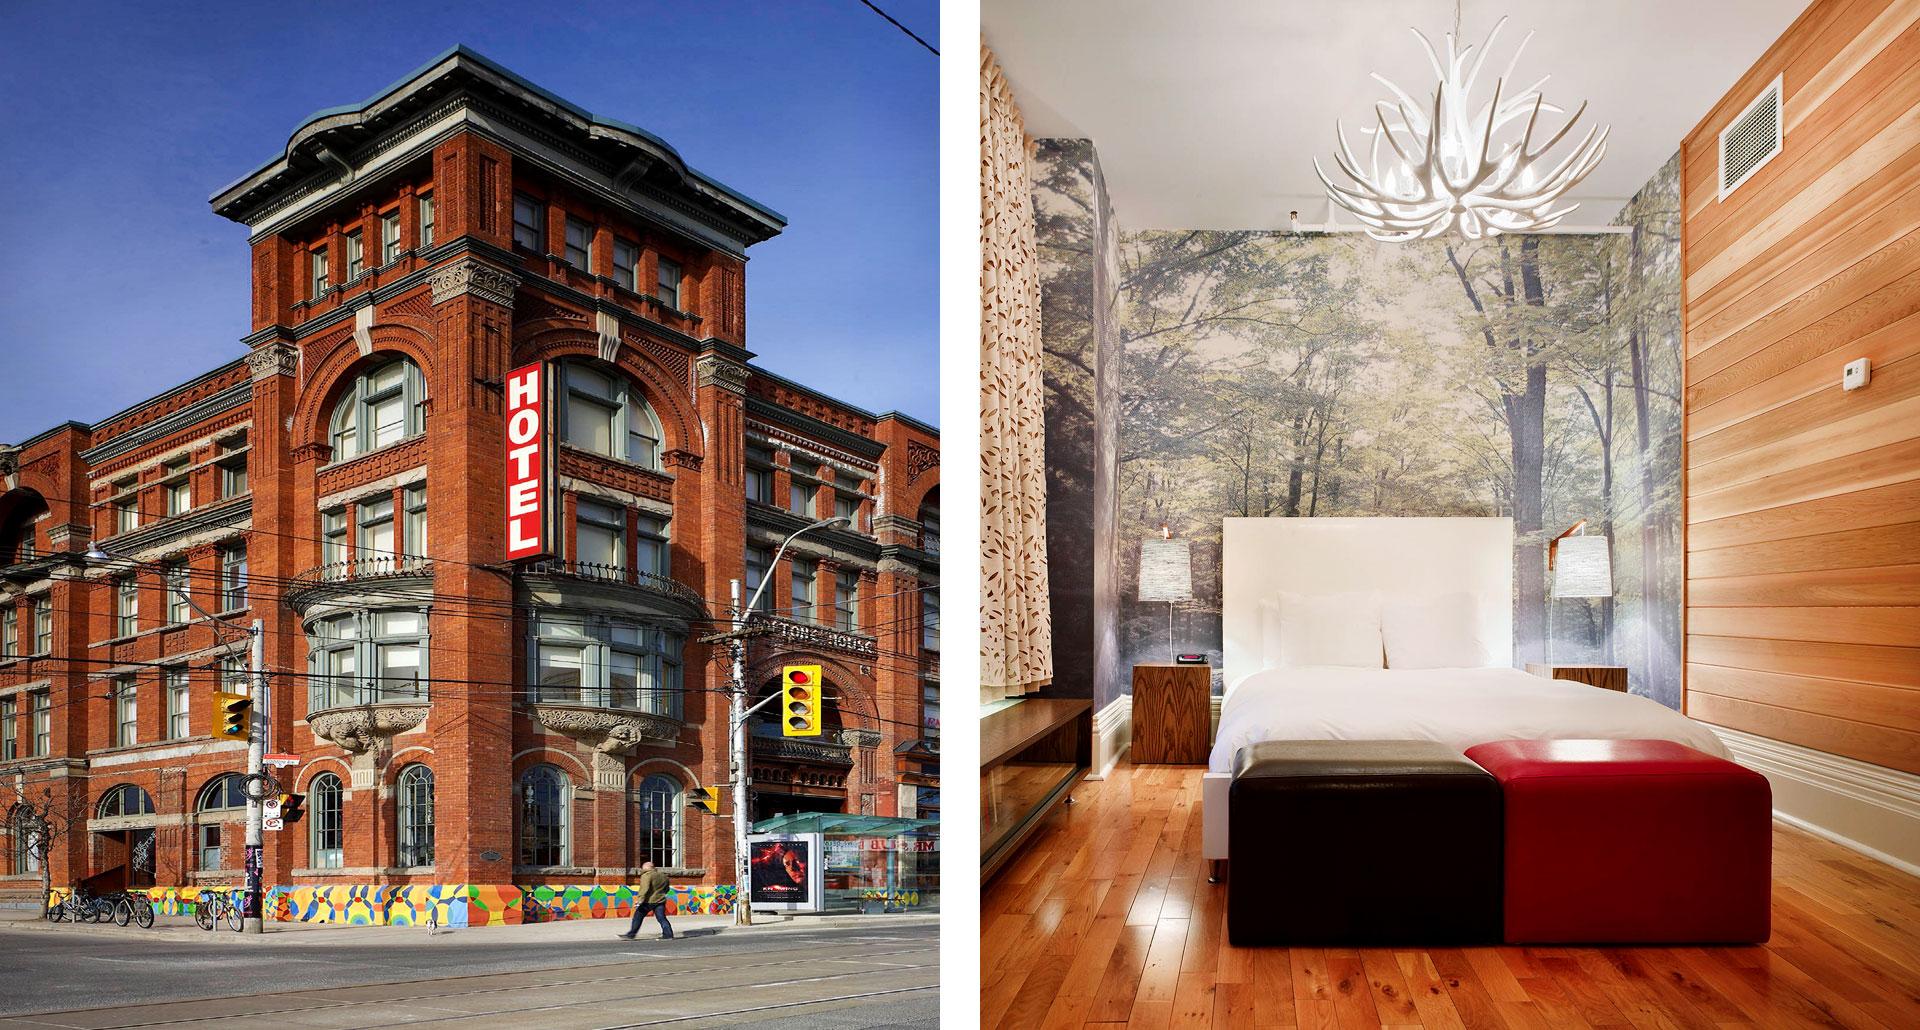 Gladstone Hotel - boutique hotel in Toronto